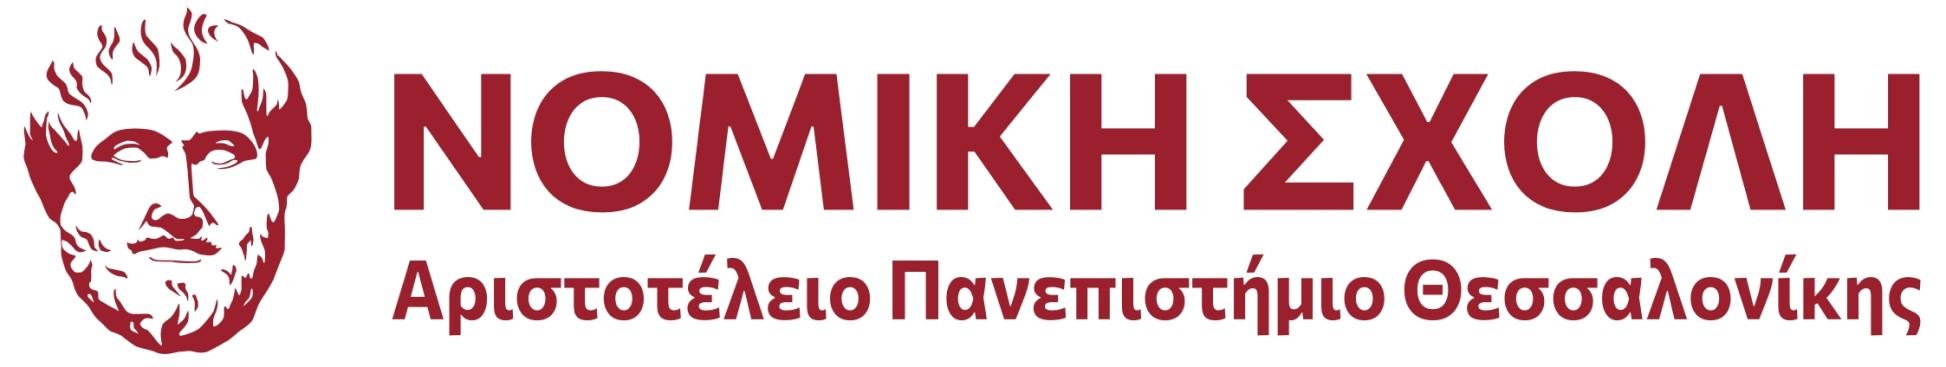 Νομική Σχολή | Αριστοτέλειο Πανεπιστήμιο Θεσσαλονίκης